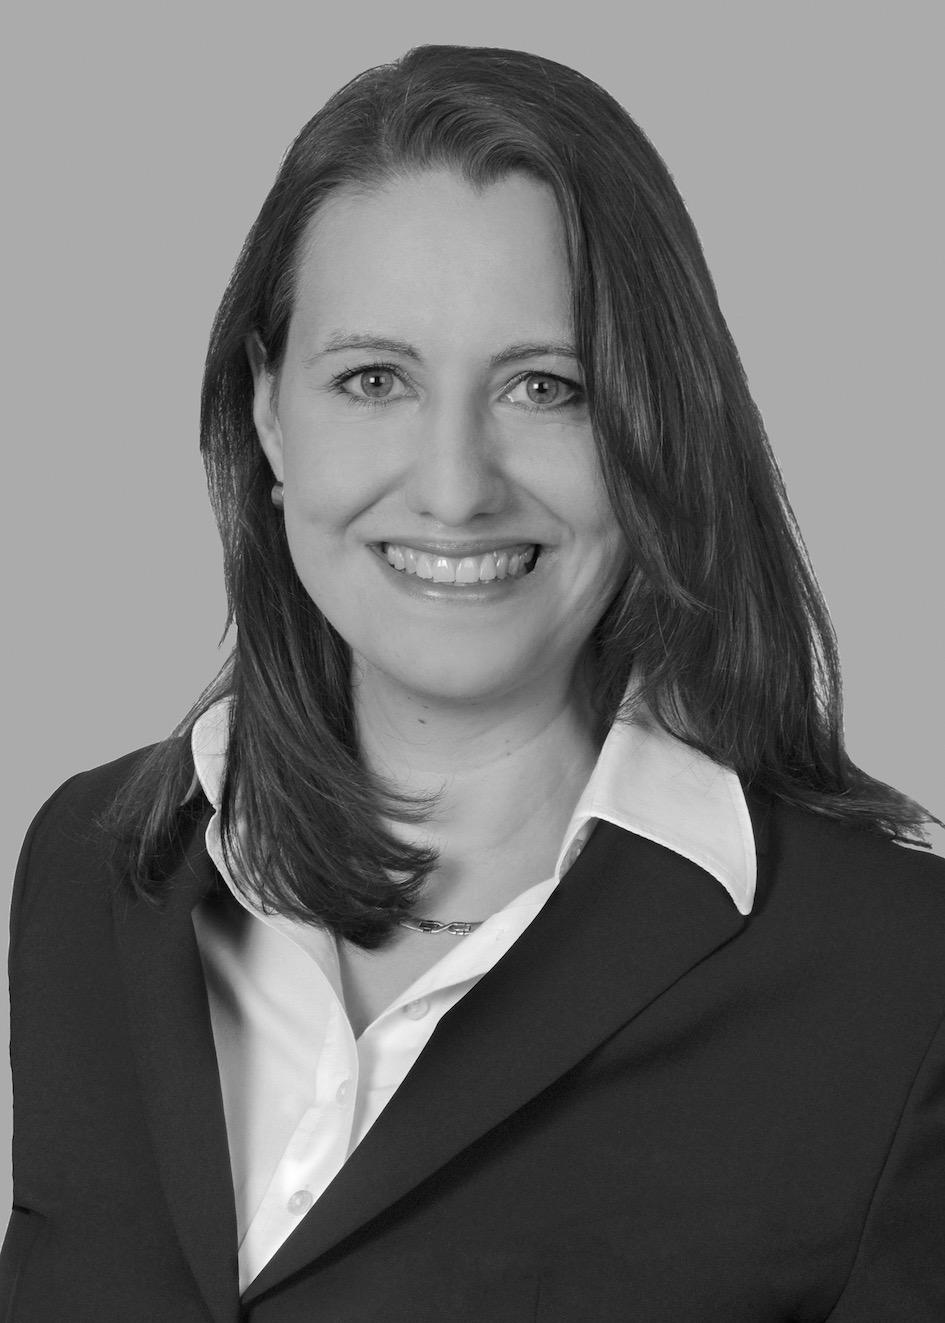 Sonja Ruttmann